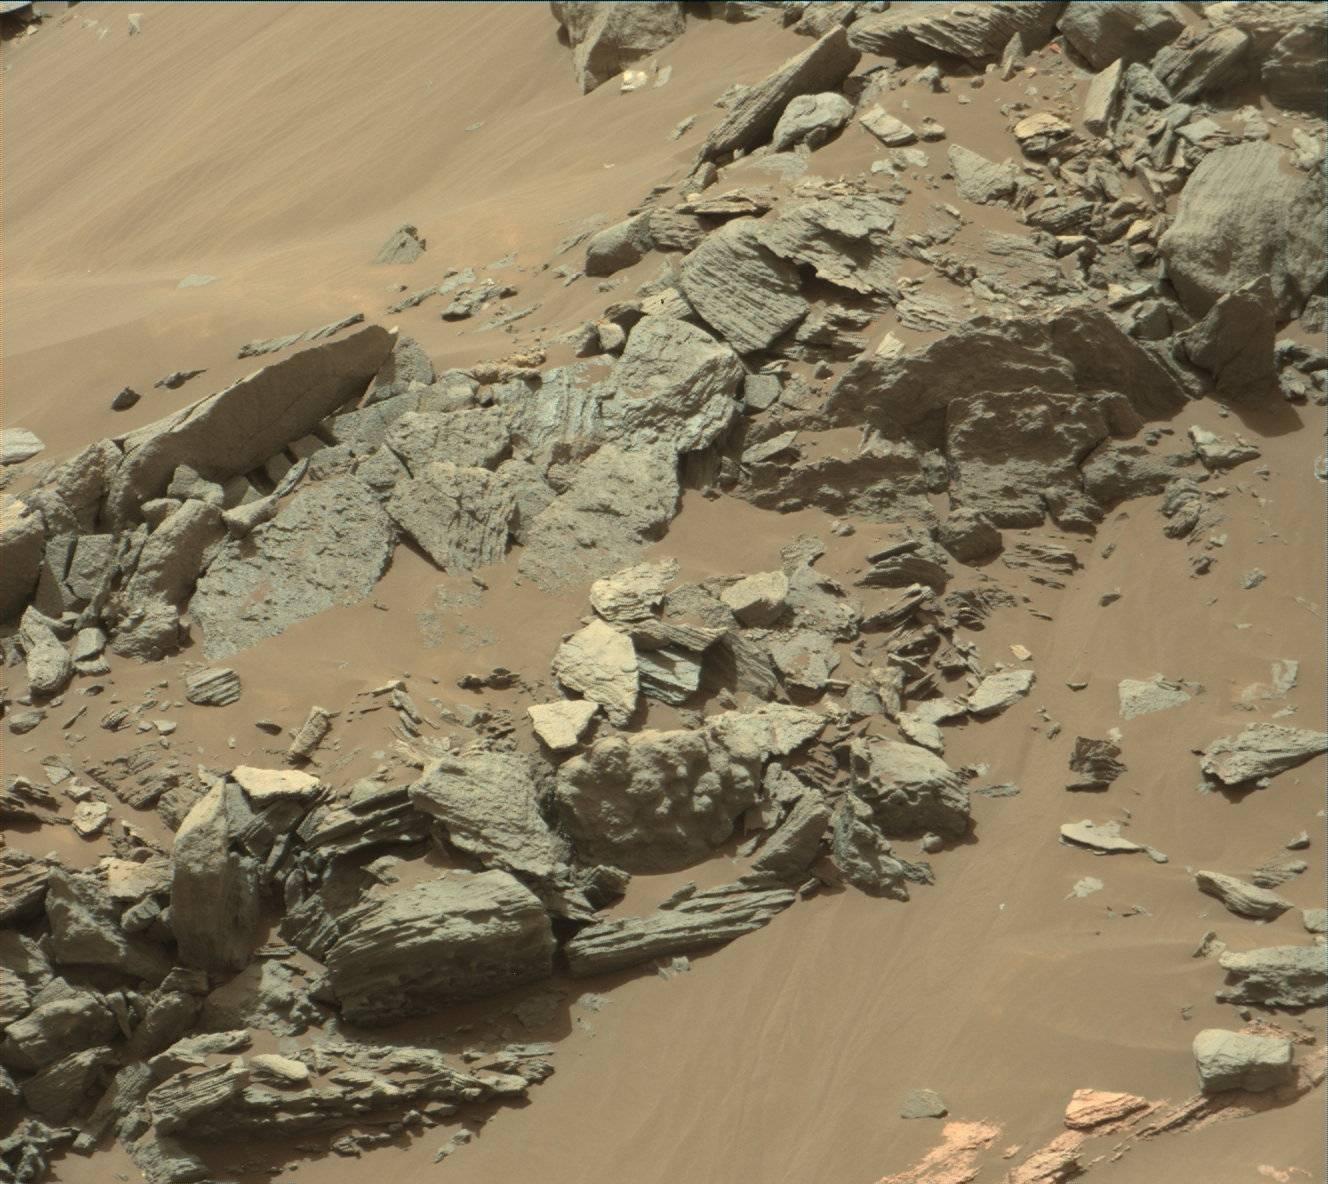 jpl mars rover curiosity - photo #4